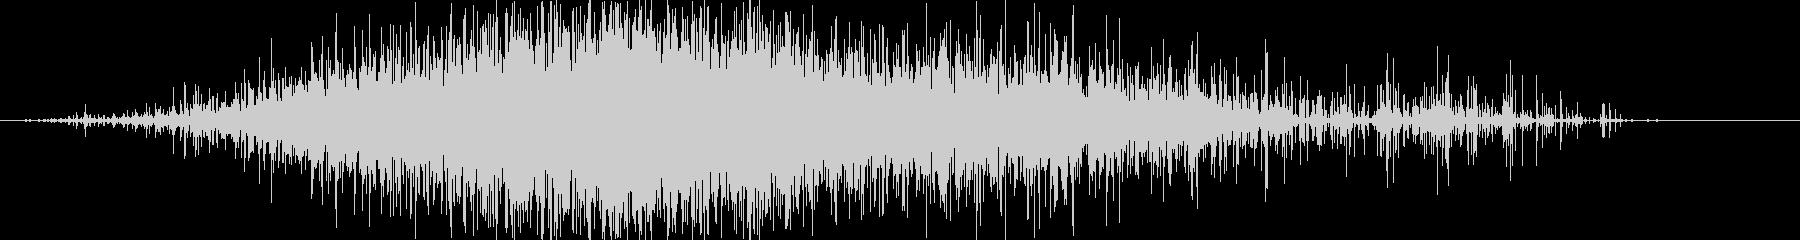 ササー(レインスティック)Aの未再生の波形